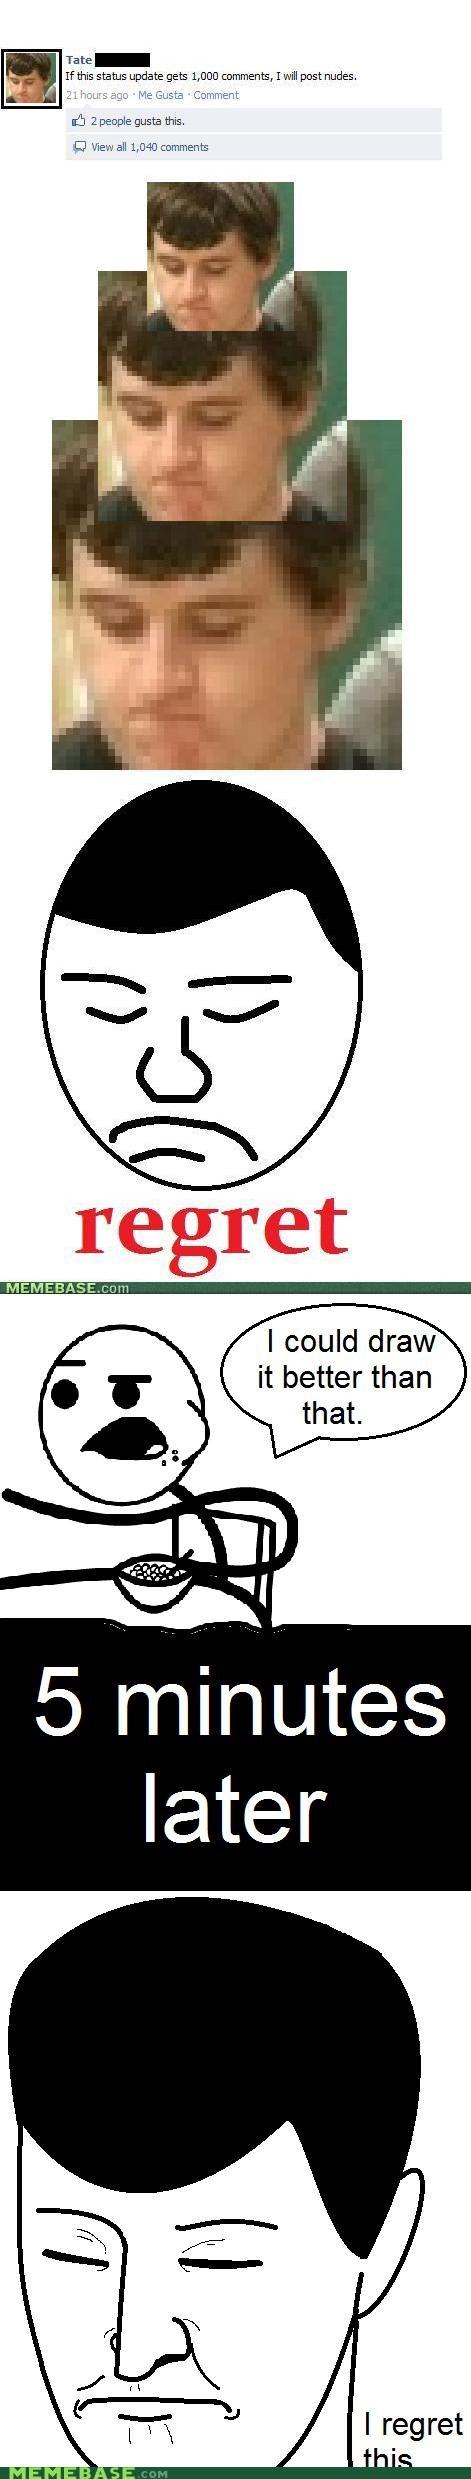 artist,cereal guy,facebook,Memes,Reframe,regret